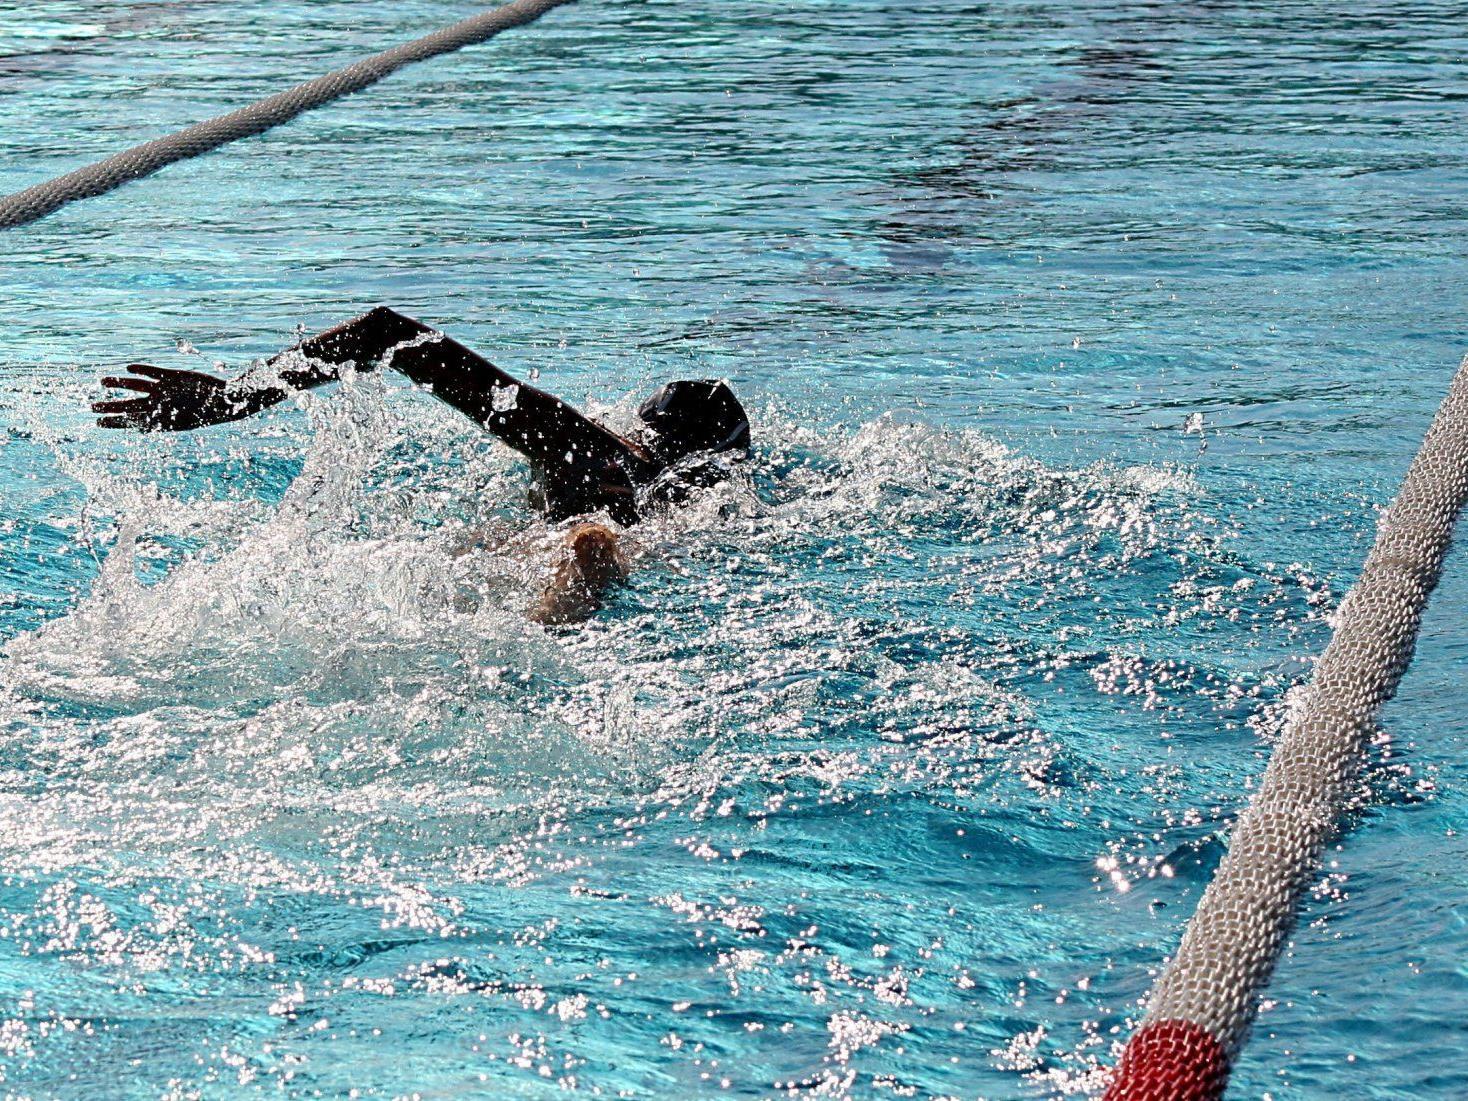 Die Stadt Wien überlegt ein Schwimmsportzentrum zu errichten.